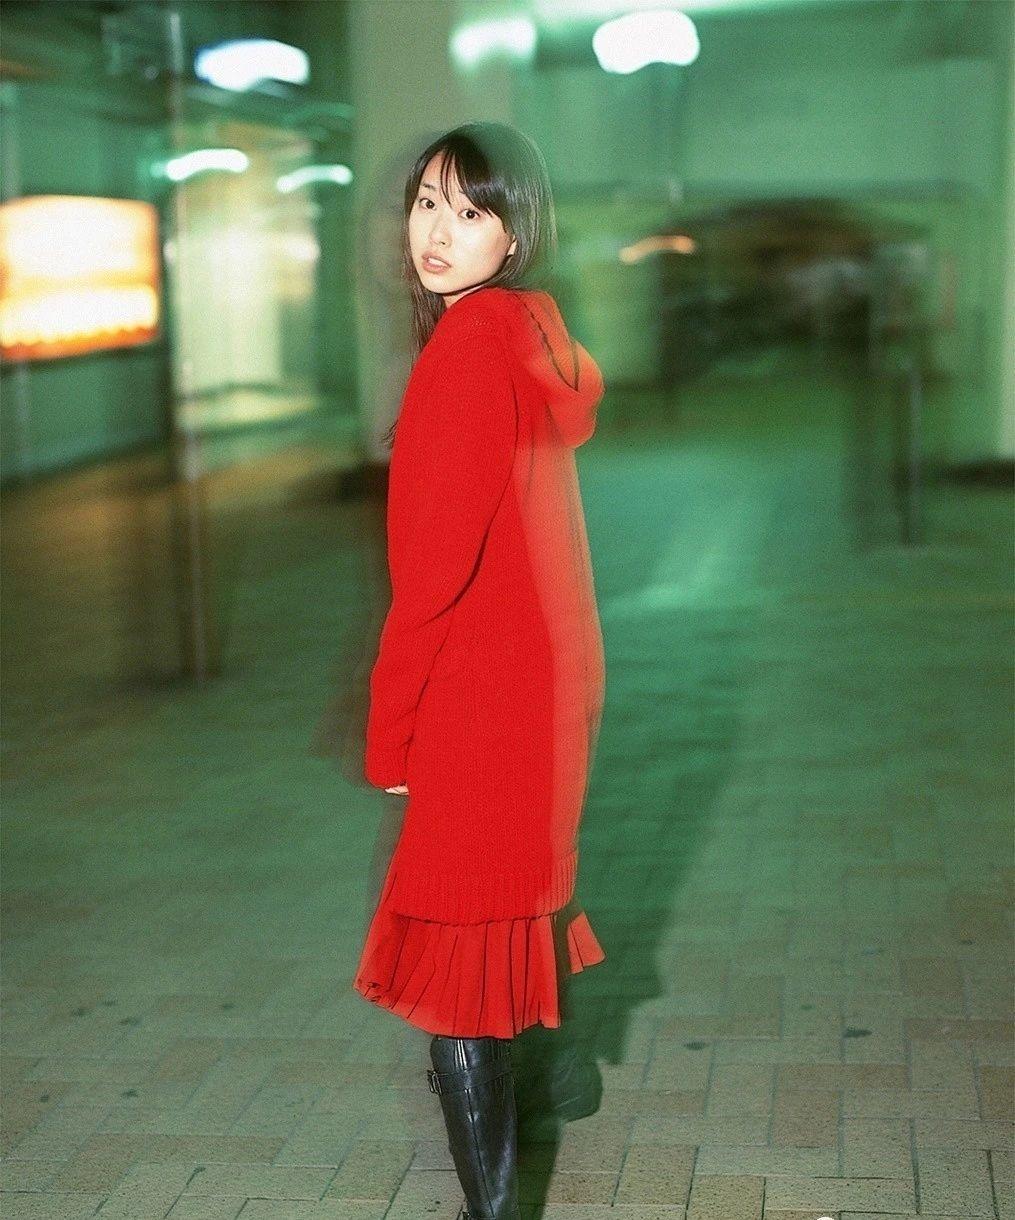 美的不可方物少女时代的户田惠梨香写真作品 (70)